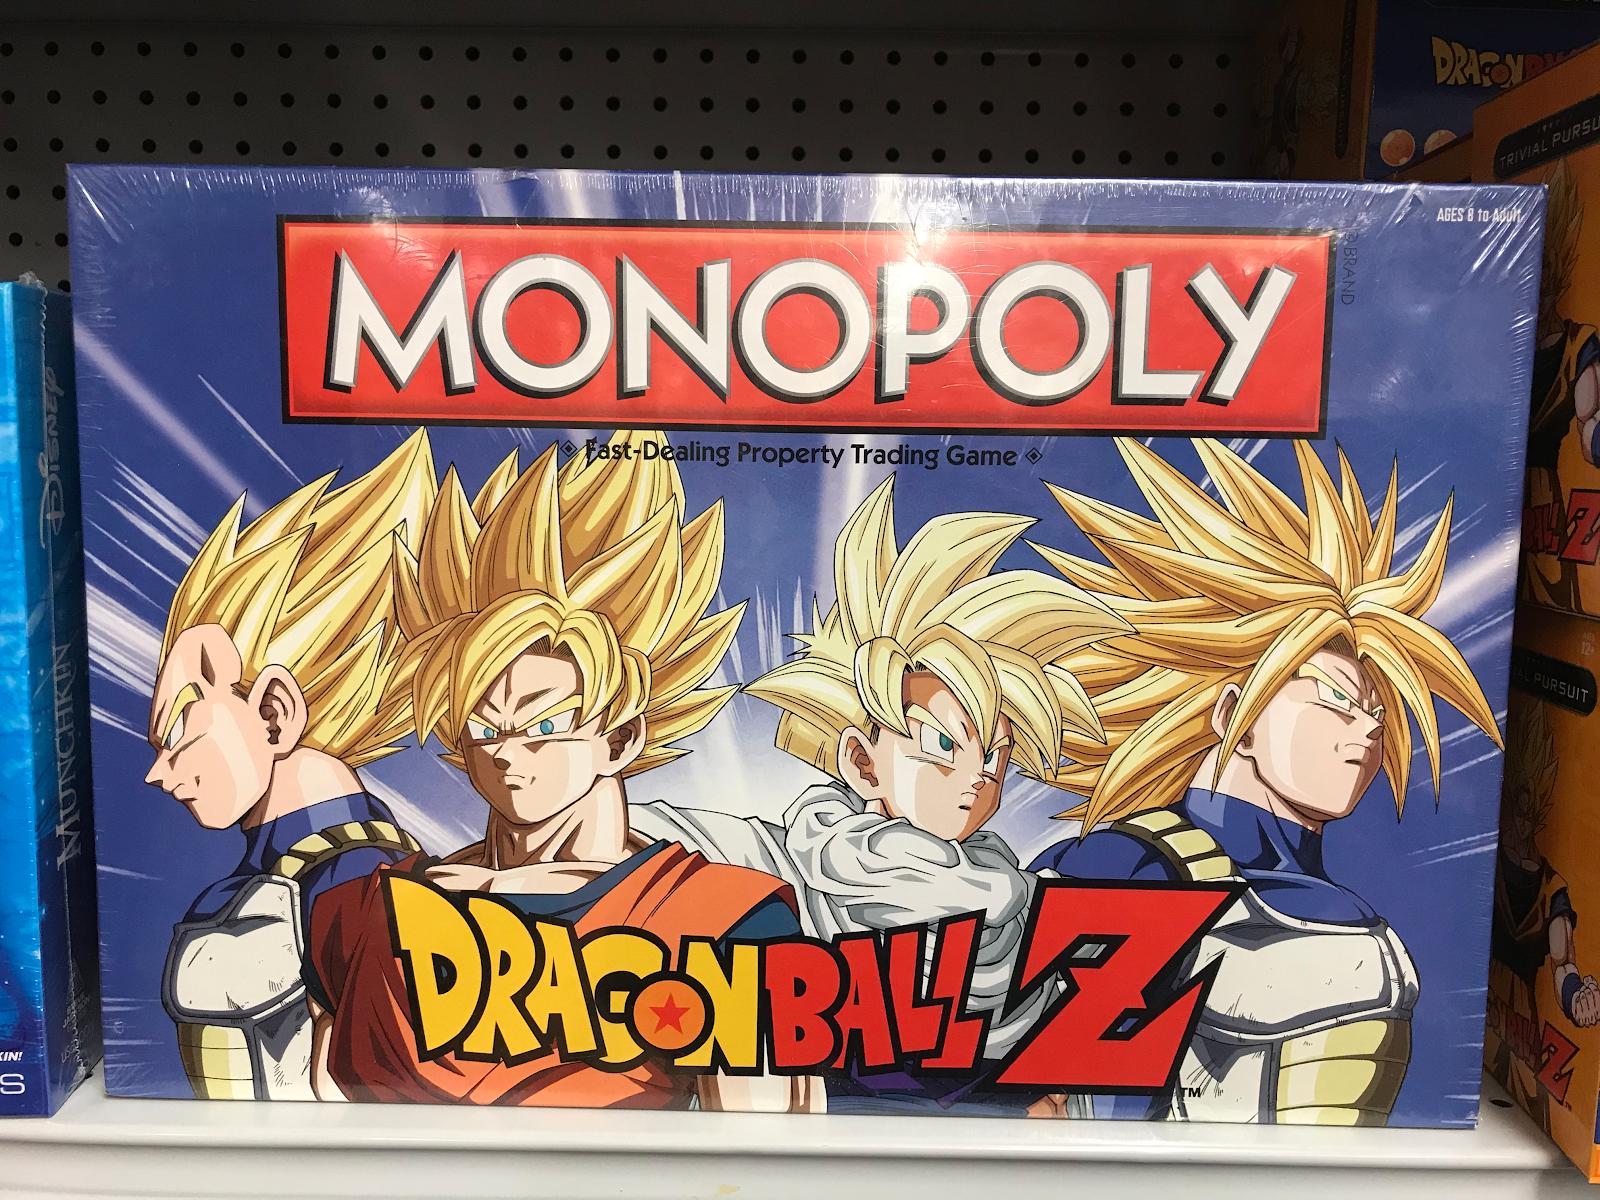 dragonball z monopoly